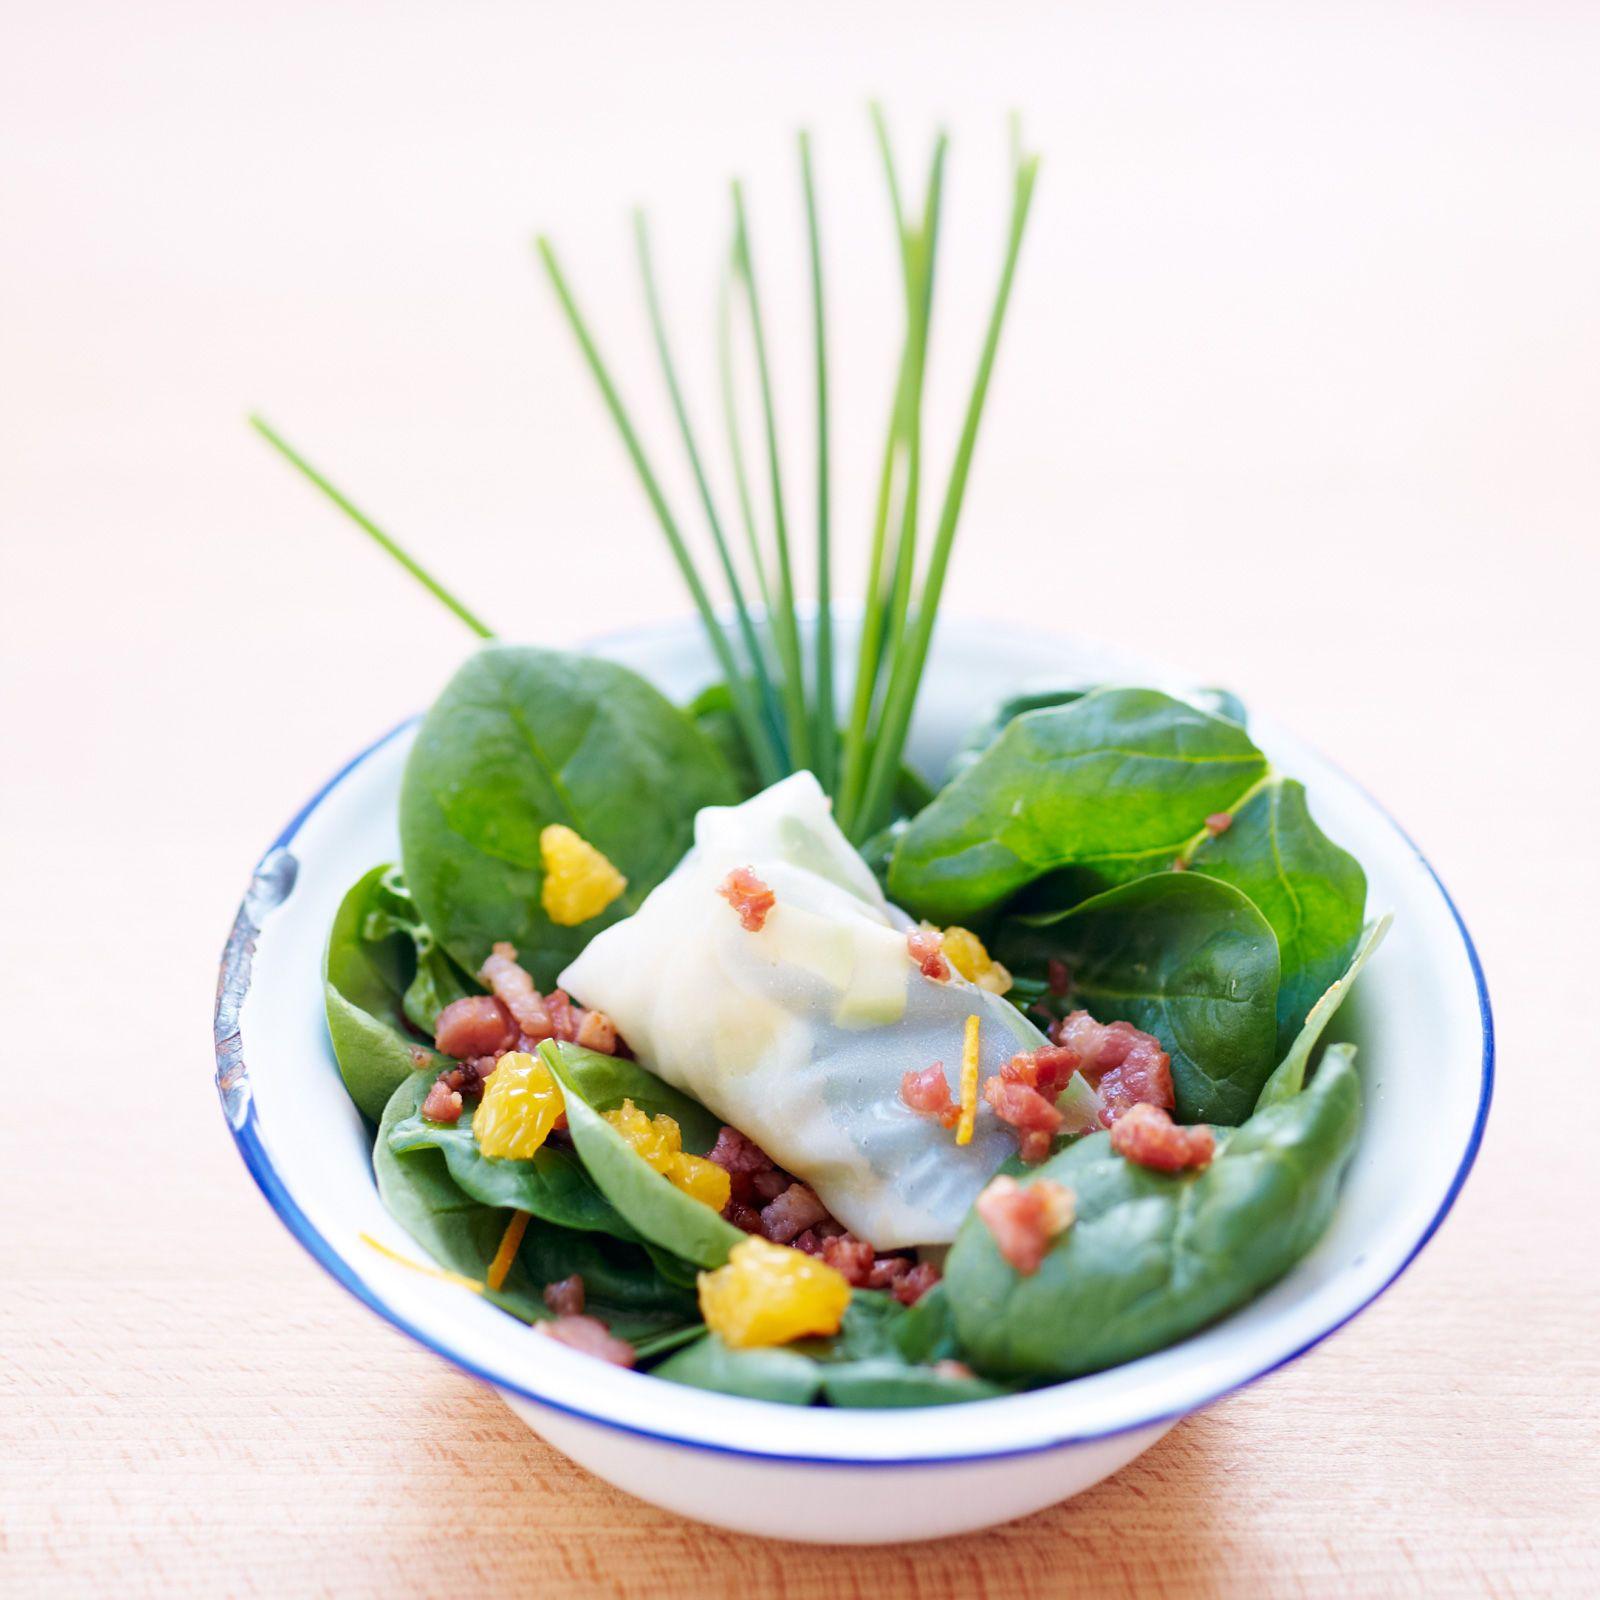 Découvrez la recette Salade d'épinards, nems croquants sur cuisineactuelle.fr.